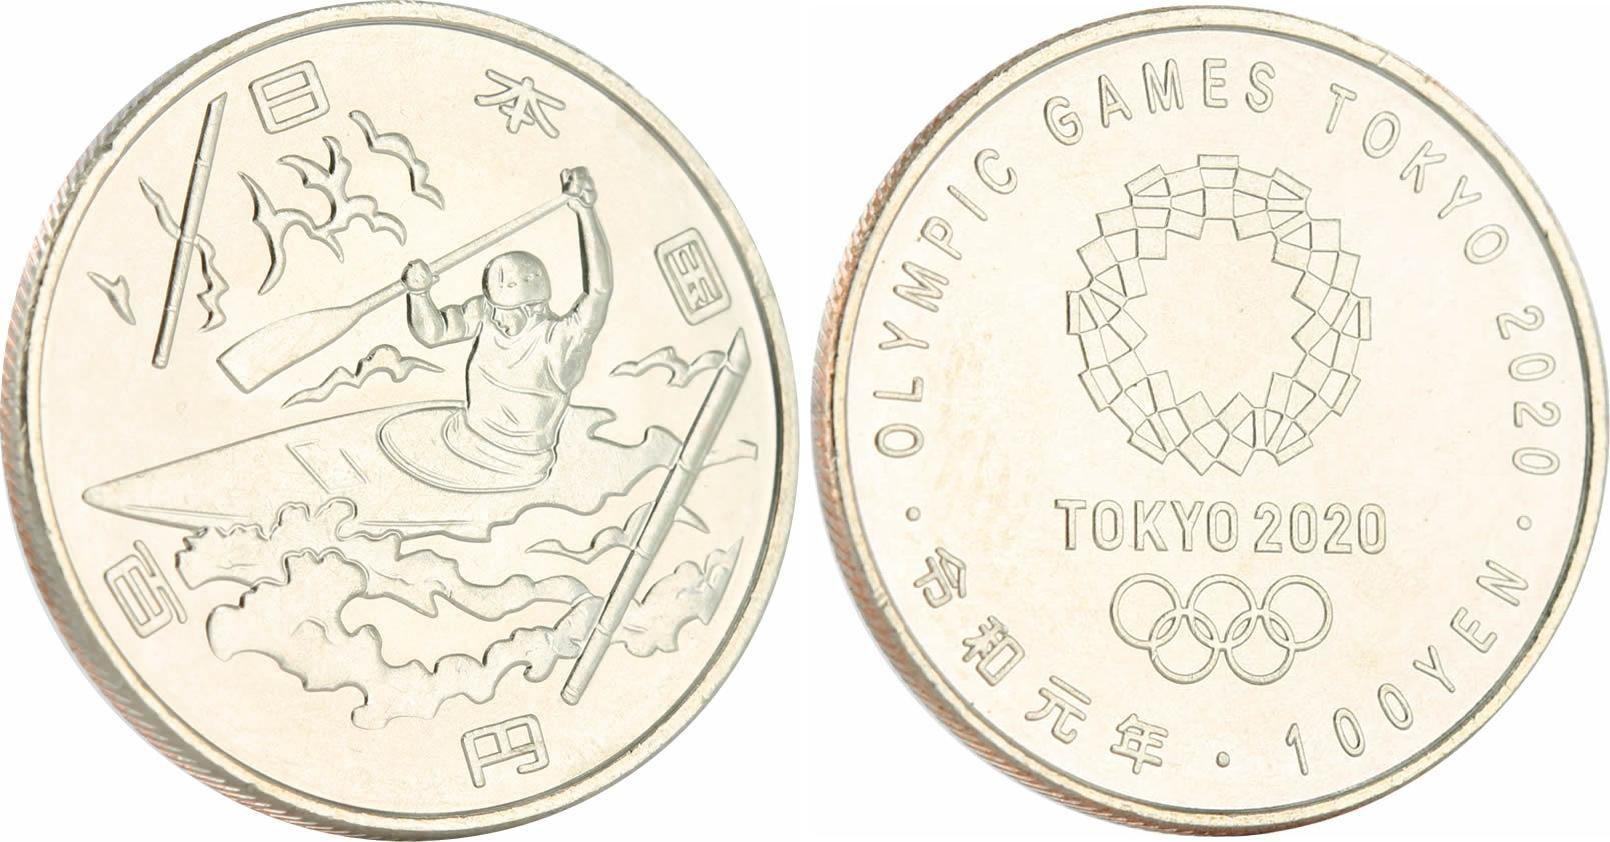 Japon 100 Yen, Canoé - JO TOKYO 2020 - SPL